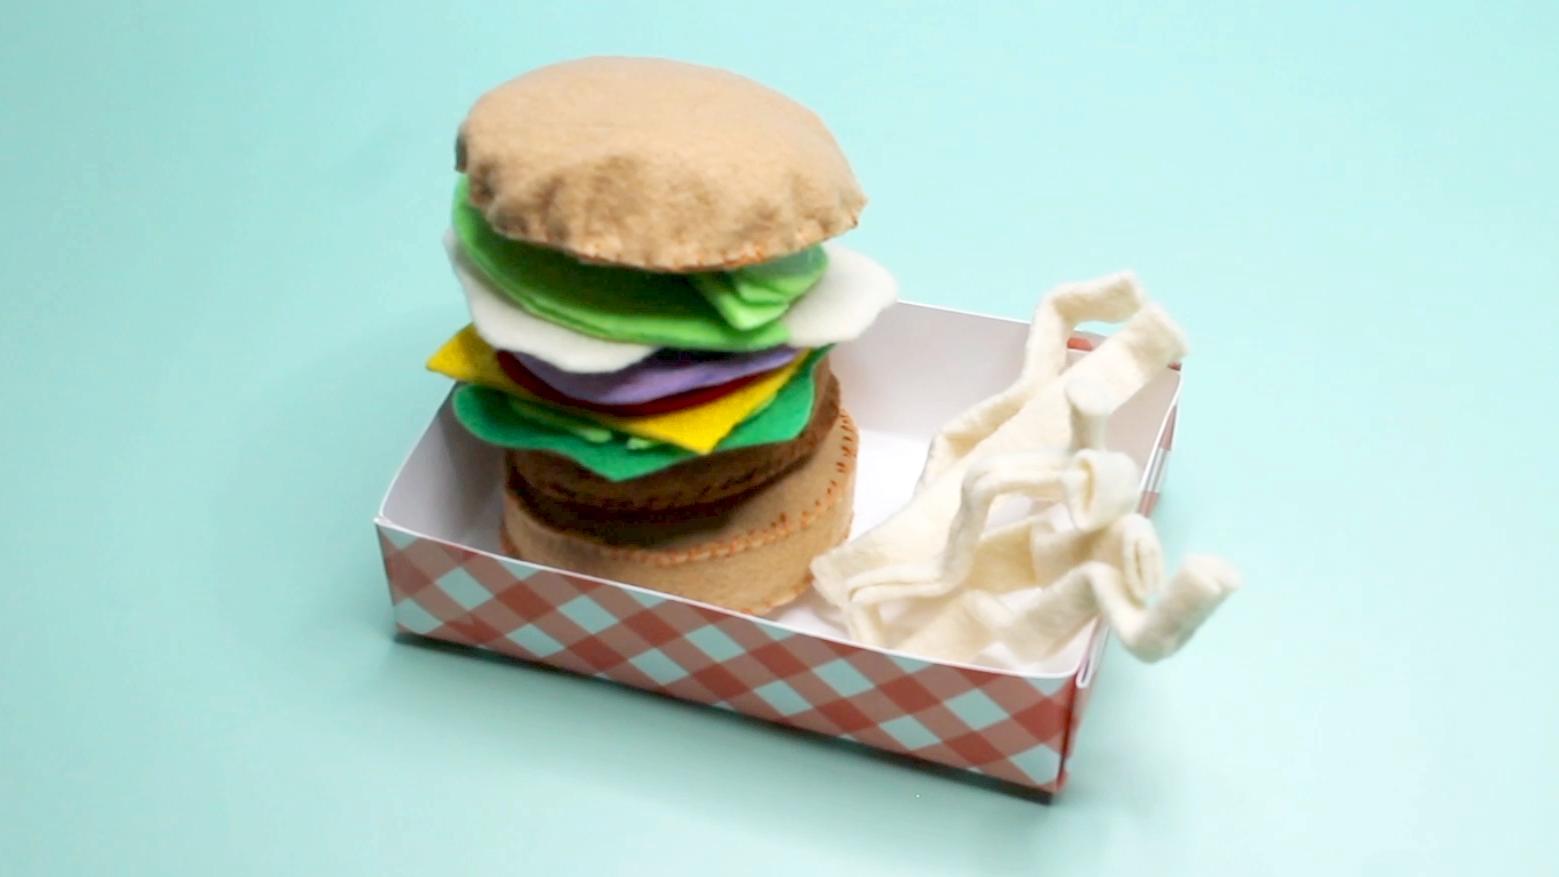 How To DIY Felt Play Food: FELT BURGER